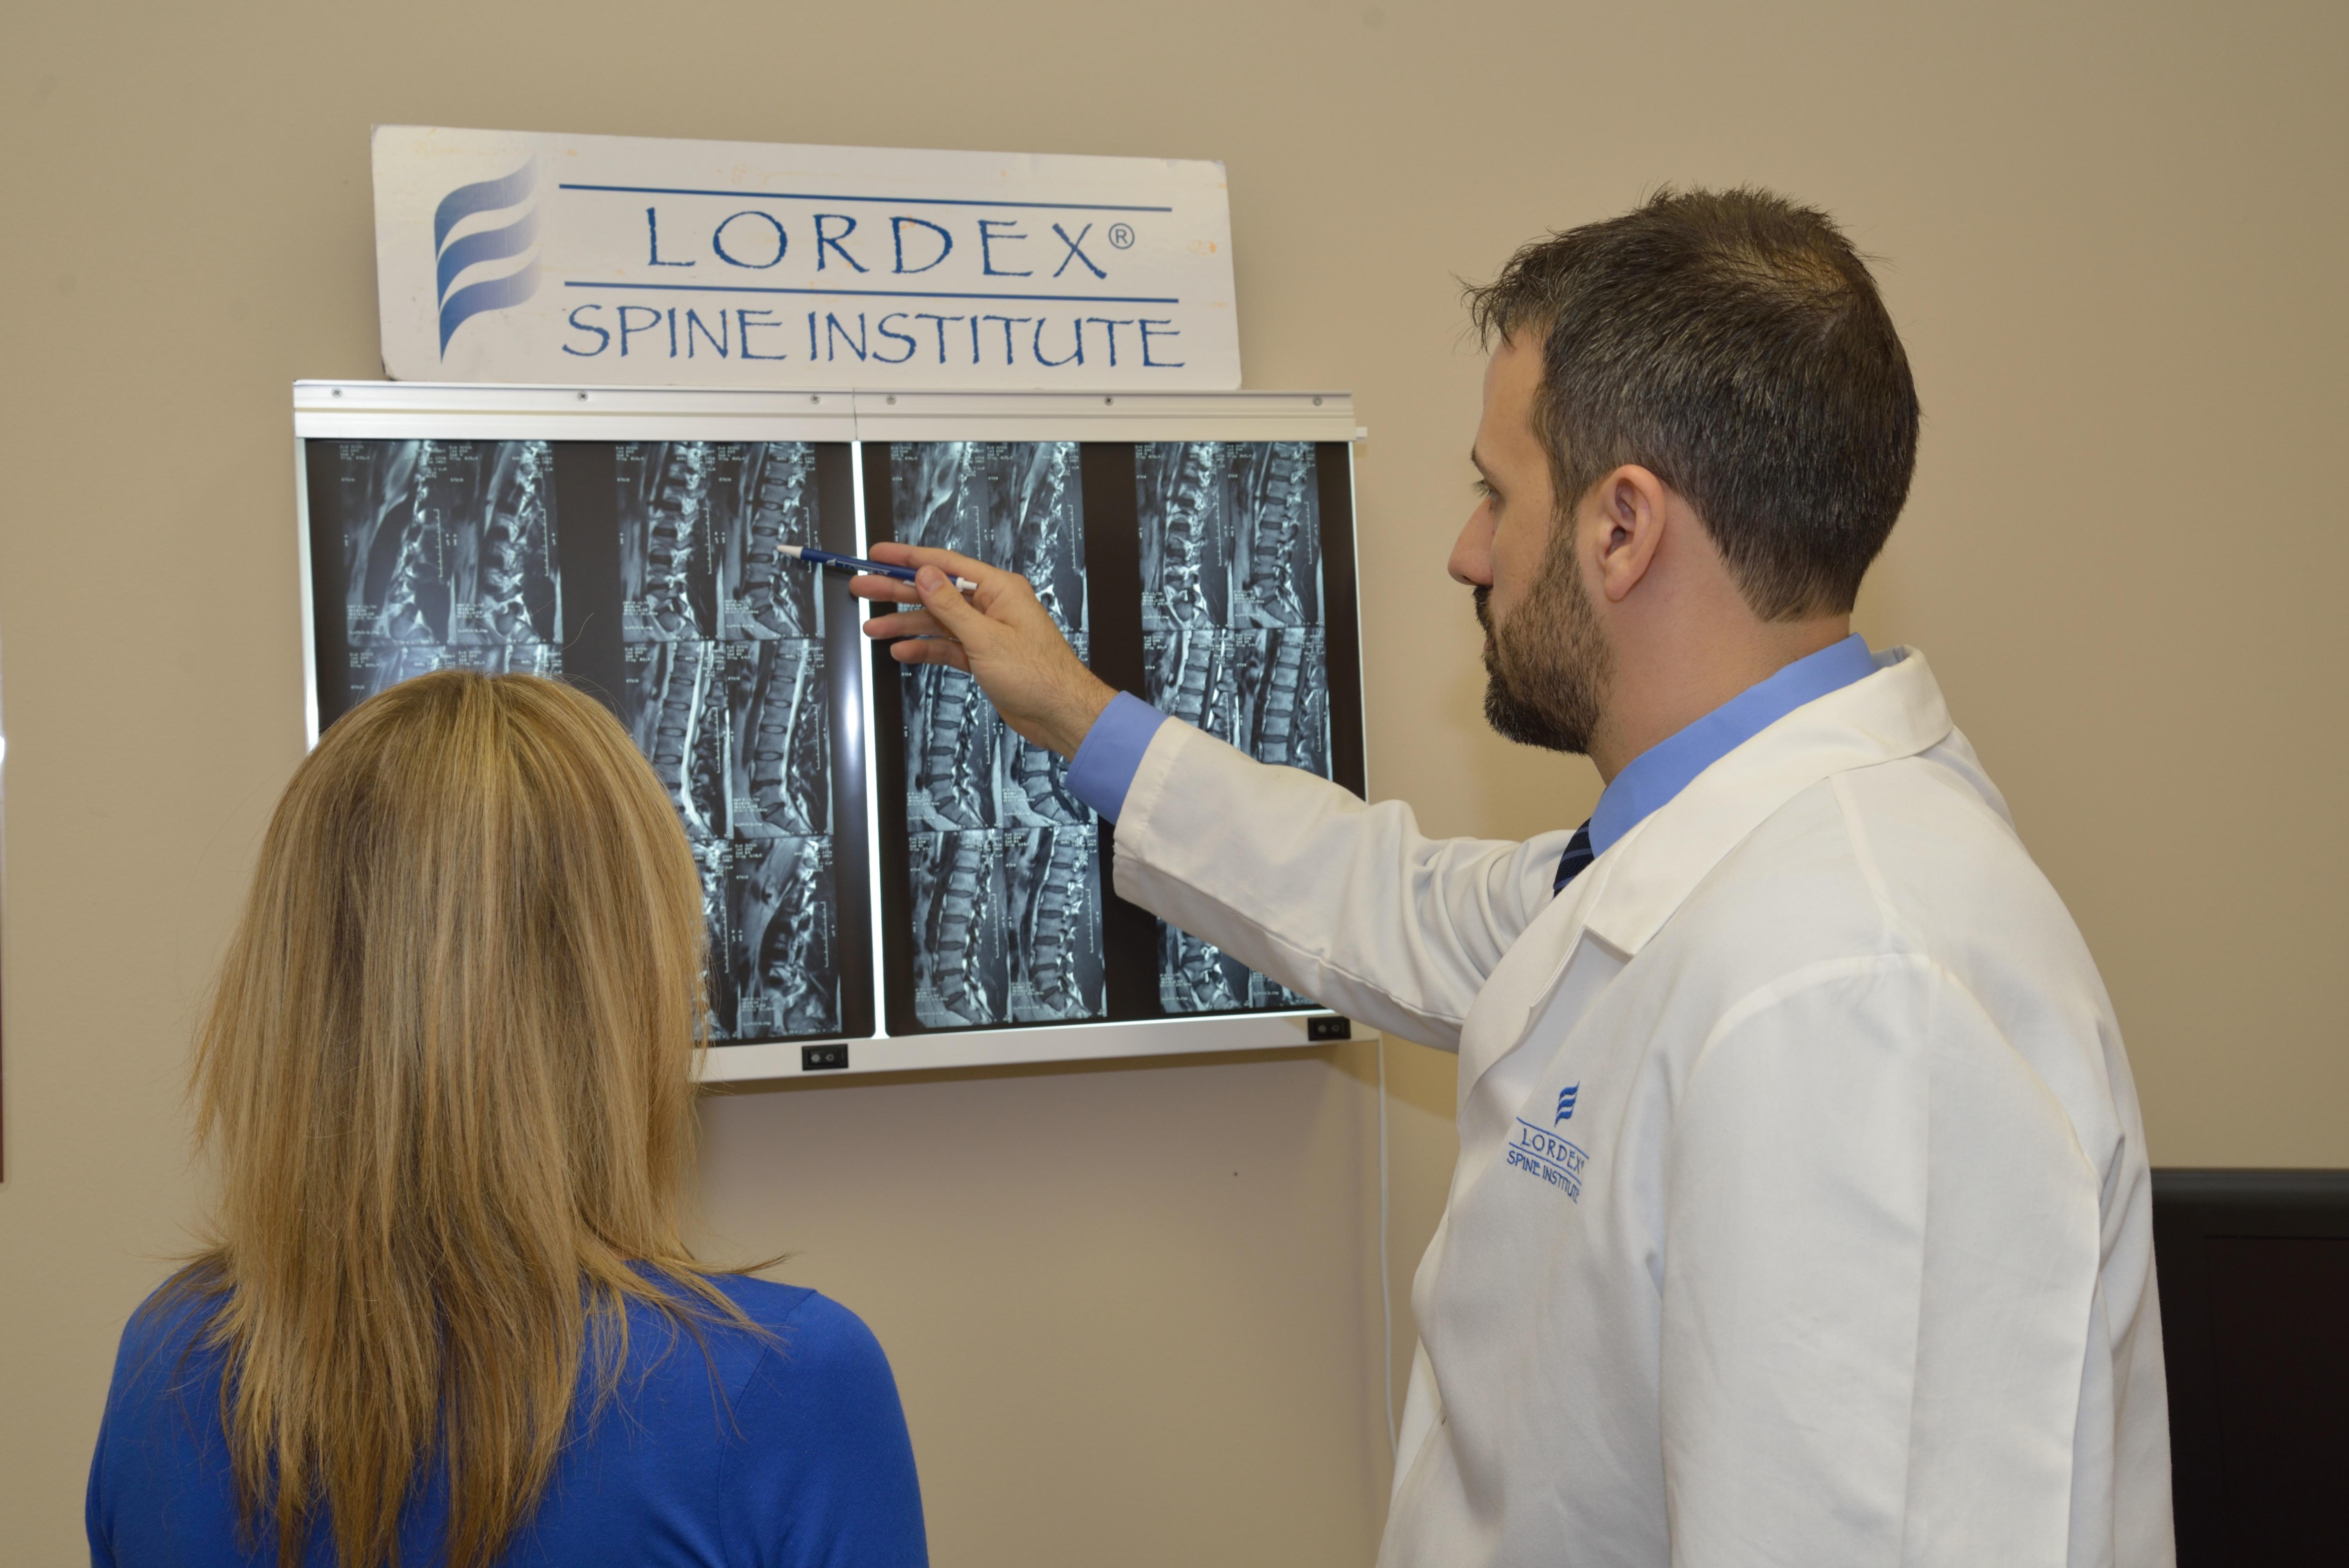 Lordex Spine Institute